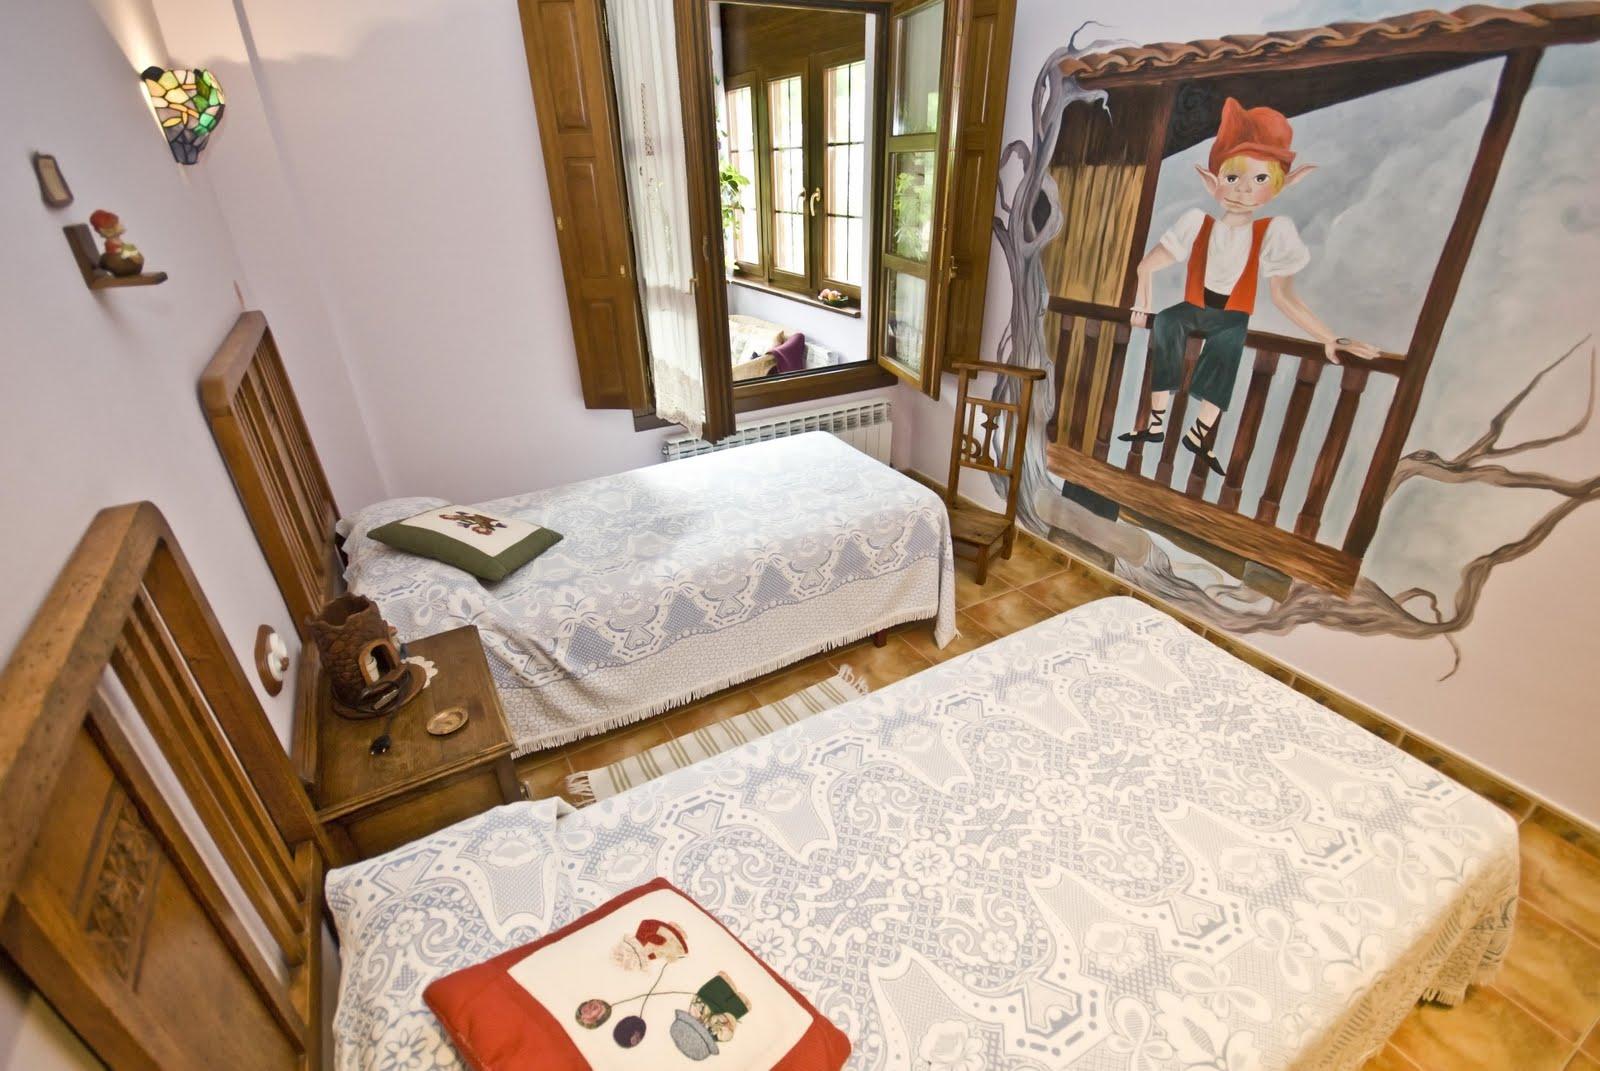 Habitaciones representativas de la mitología asturiana